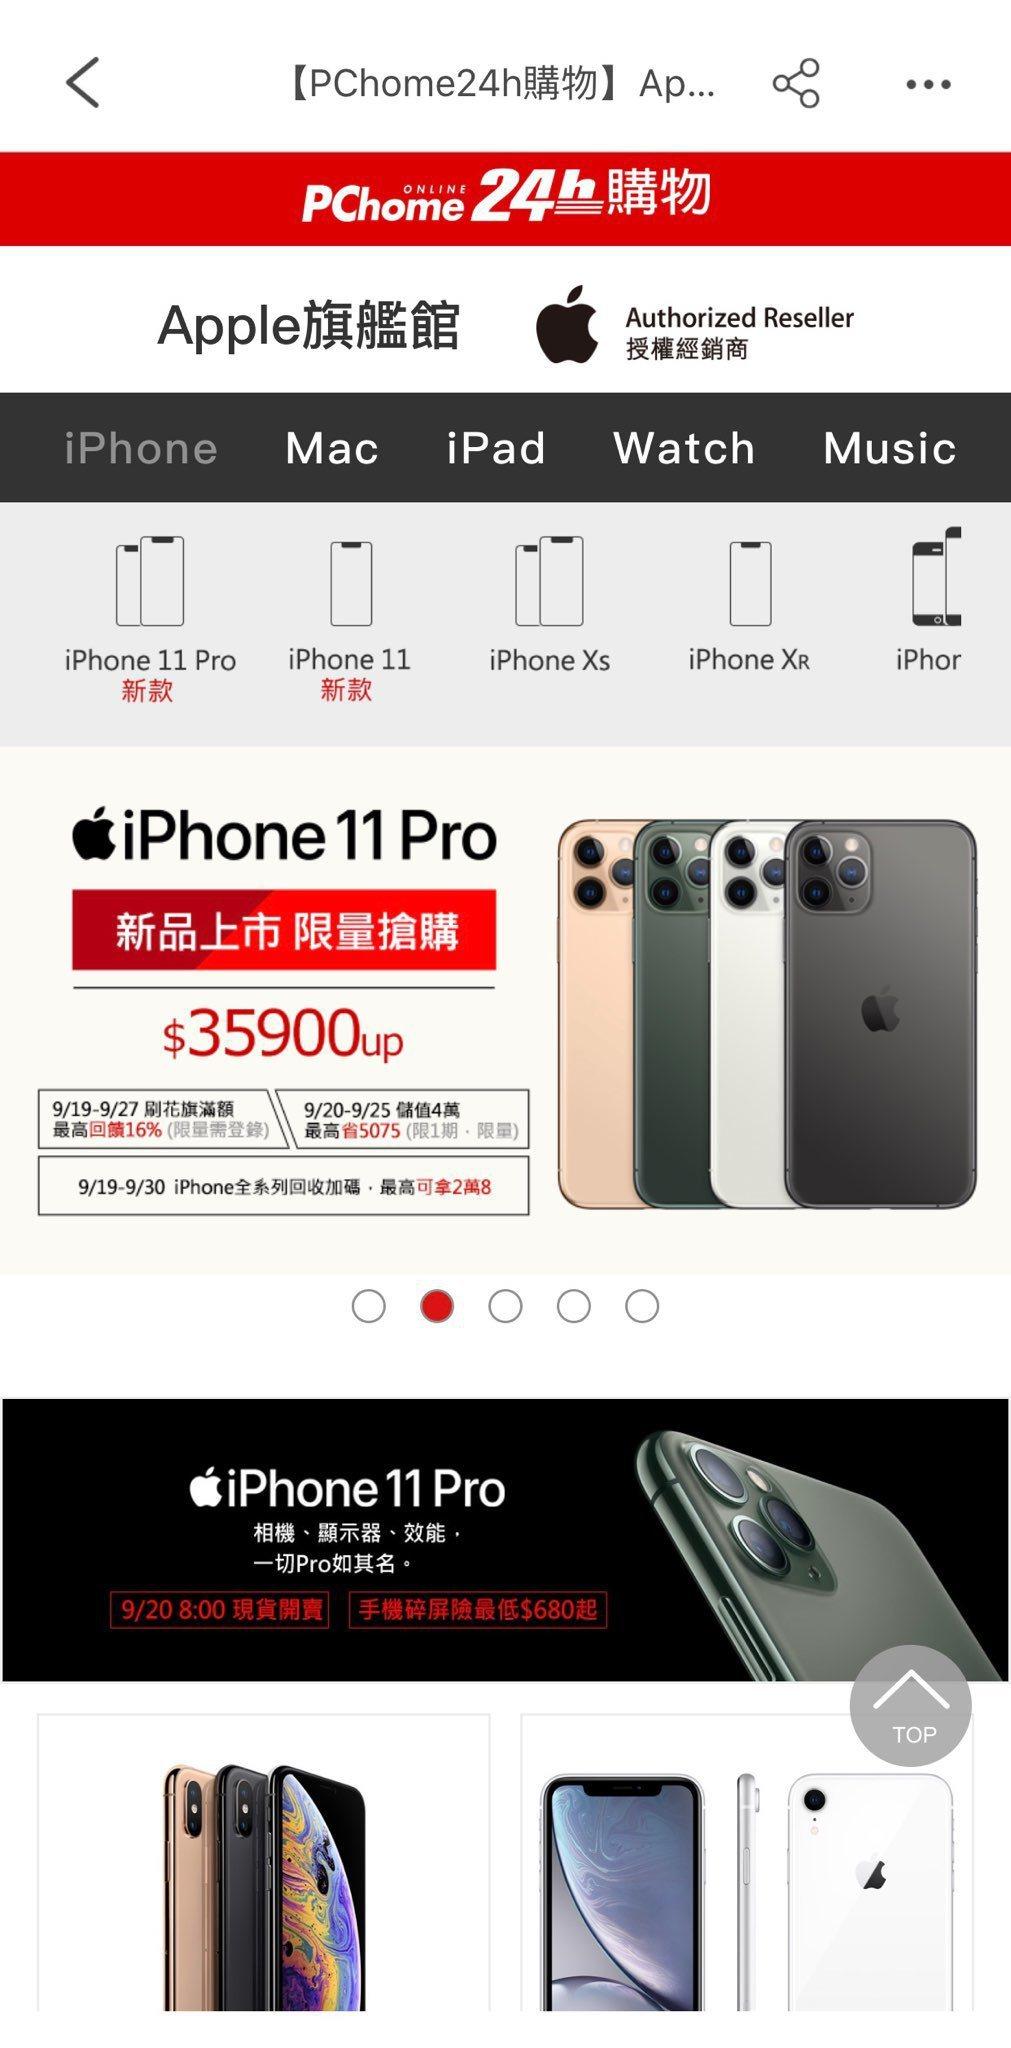 PChome 24h站上iPhone 11系列開賣3小時,業績成長逾四倍。圖/網...